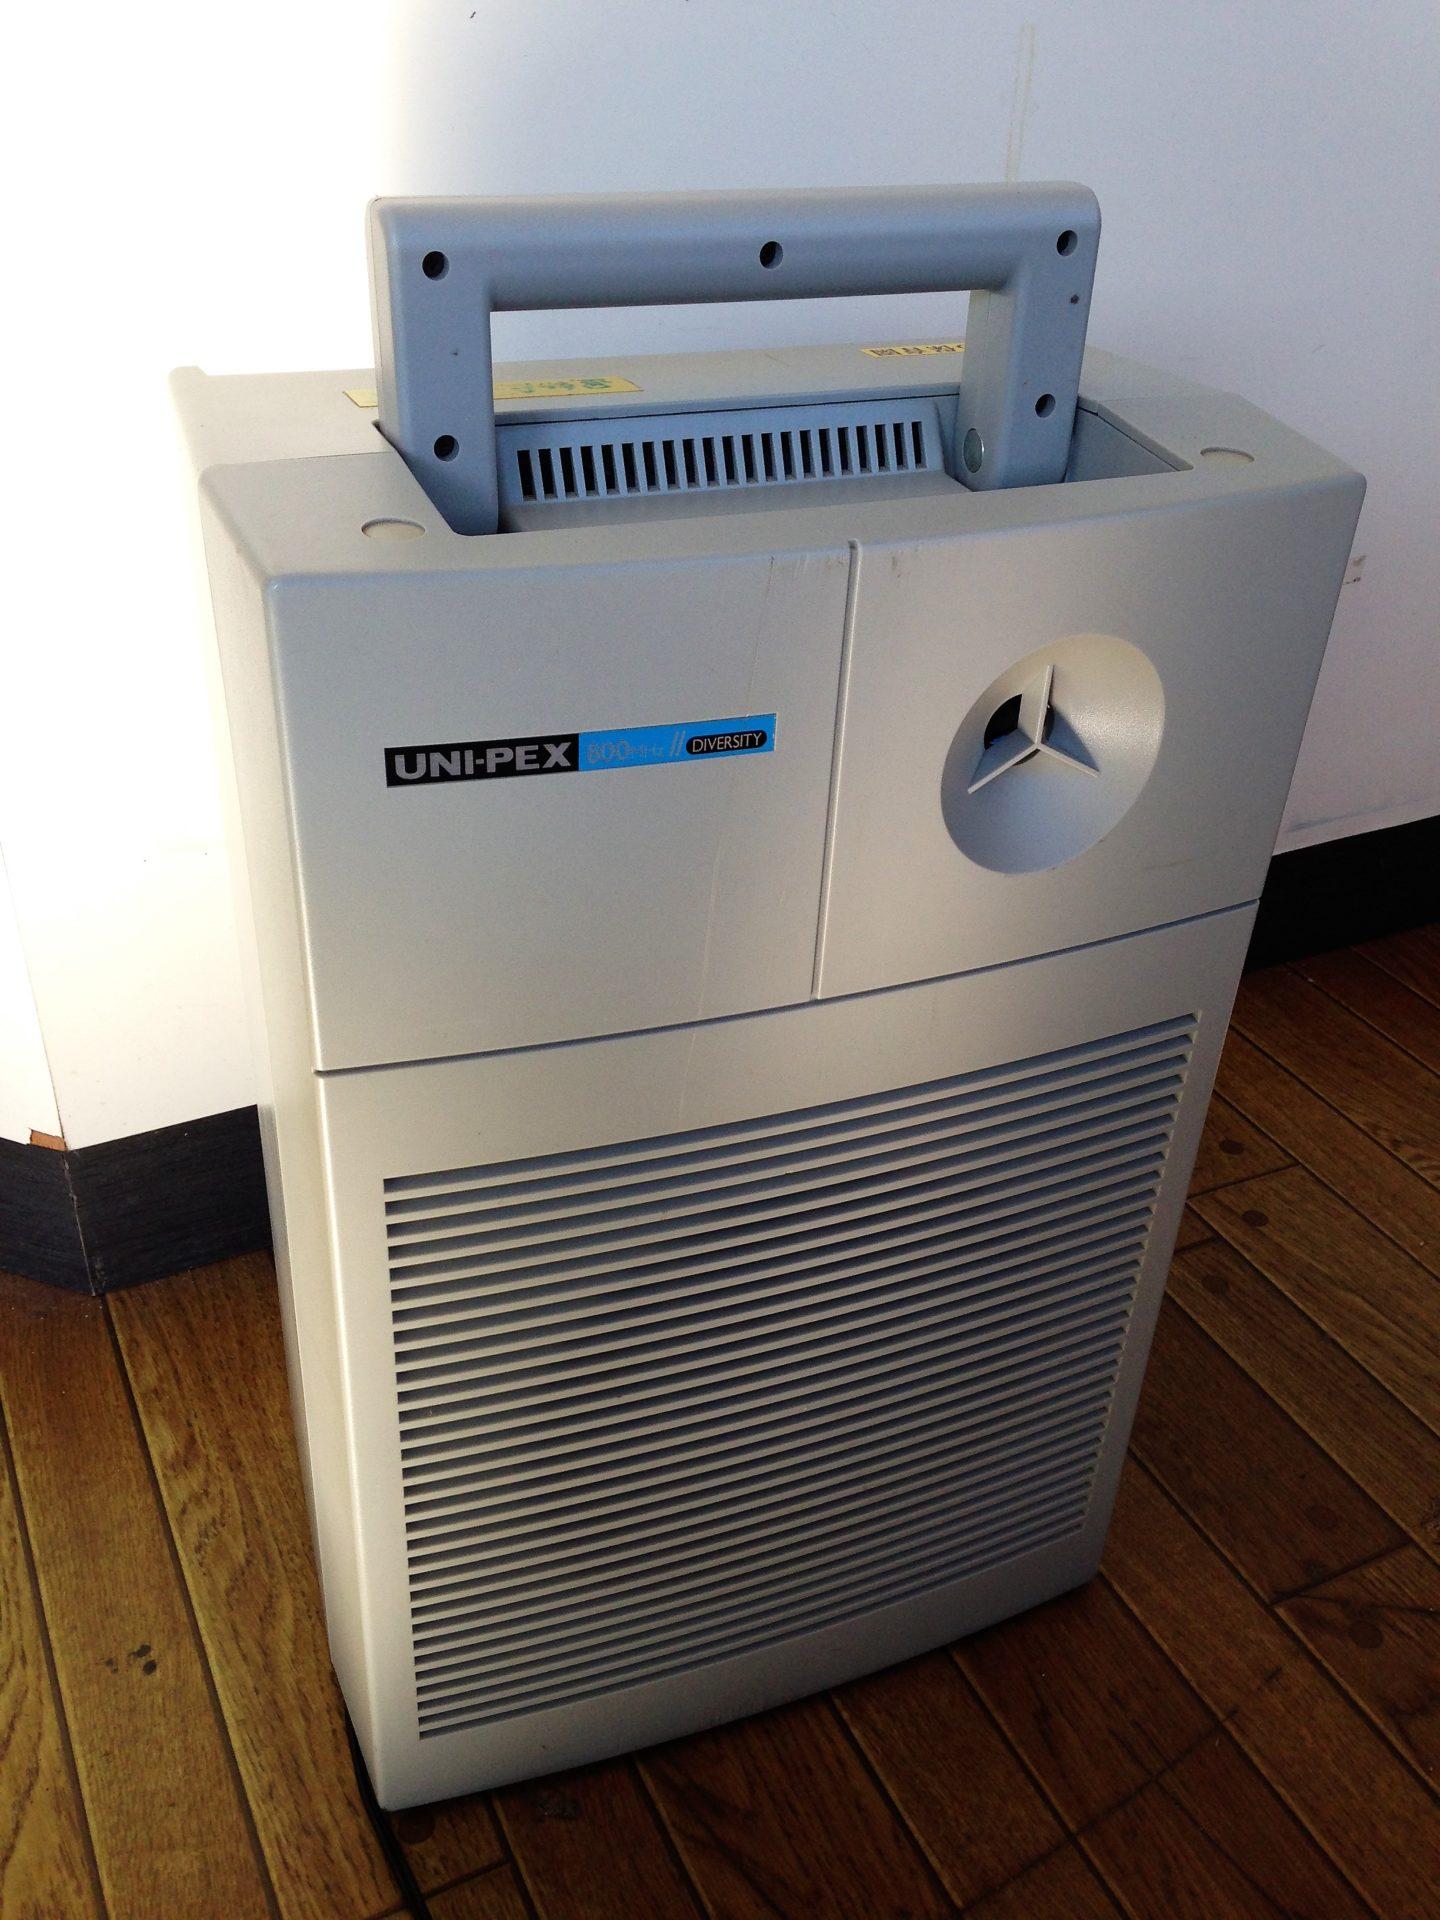 修理例、UNI-PEX ポータブルワイヤレスアンプ WA-852Dの場合